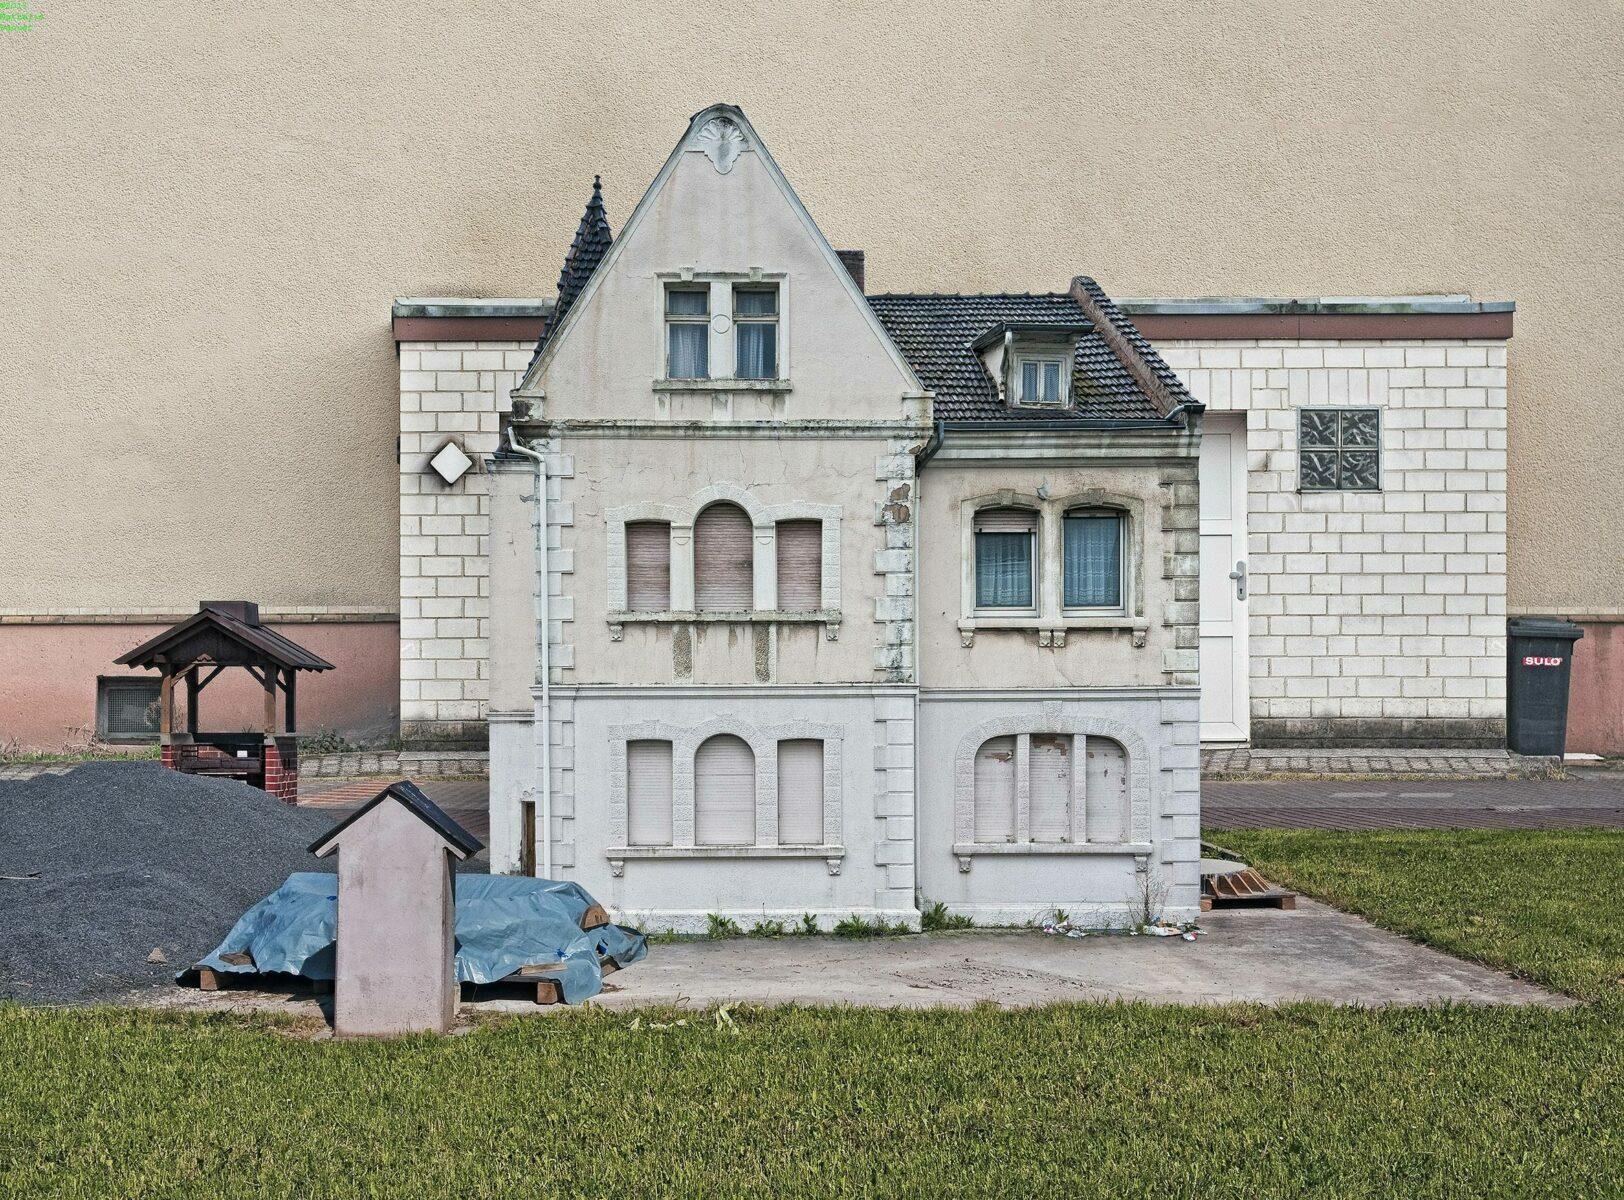 Fotoausstellung Bebra Curiosa | Axel Beyer 6.3. – 2.4.2020